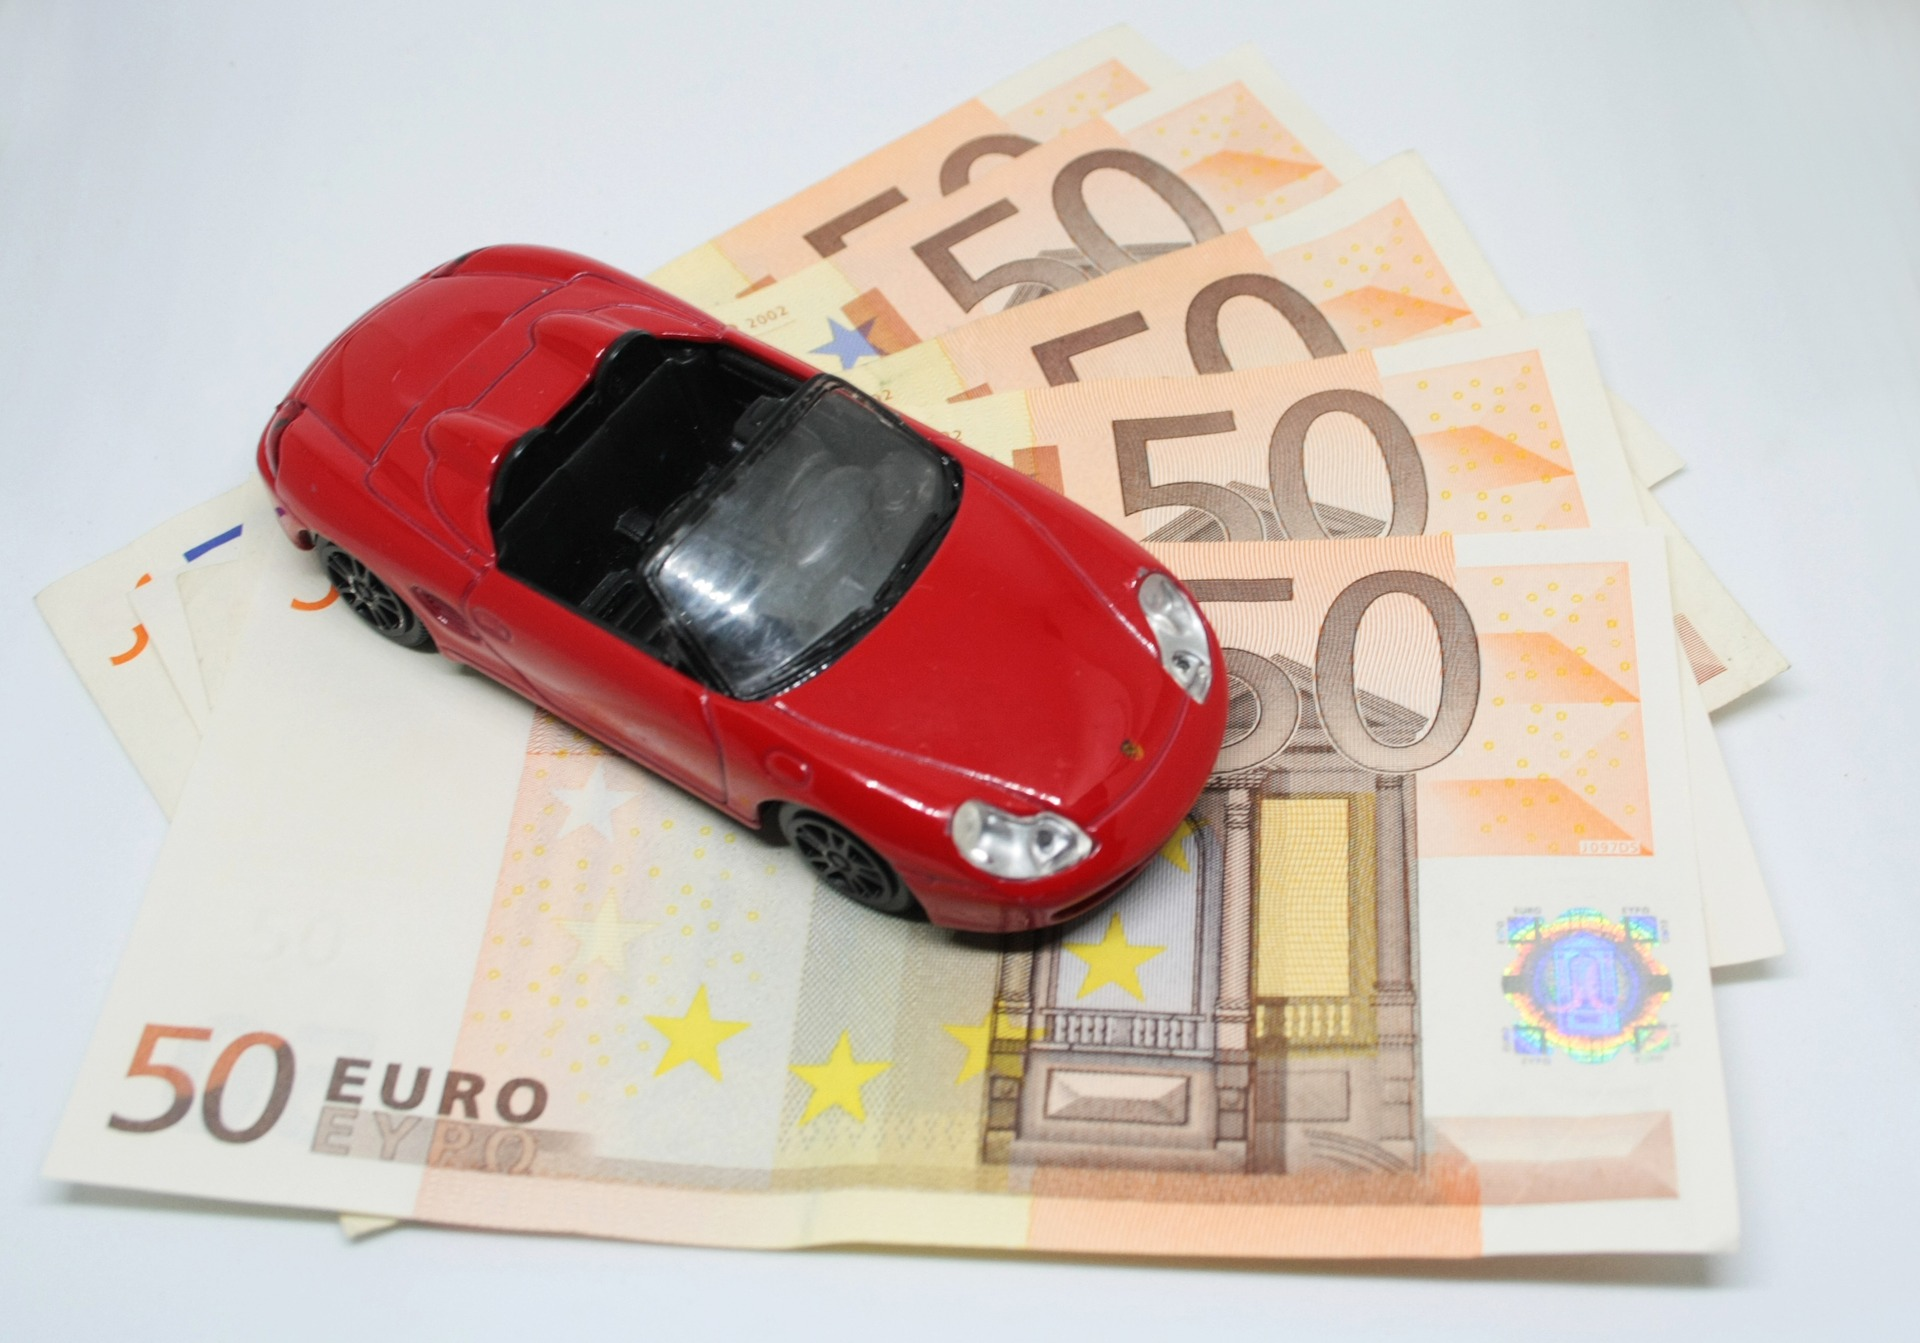 Assurances : une hausse attendue pour l'auto et l'habitation en 2019